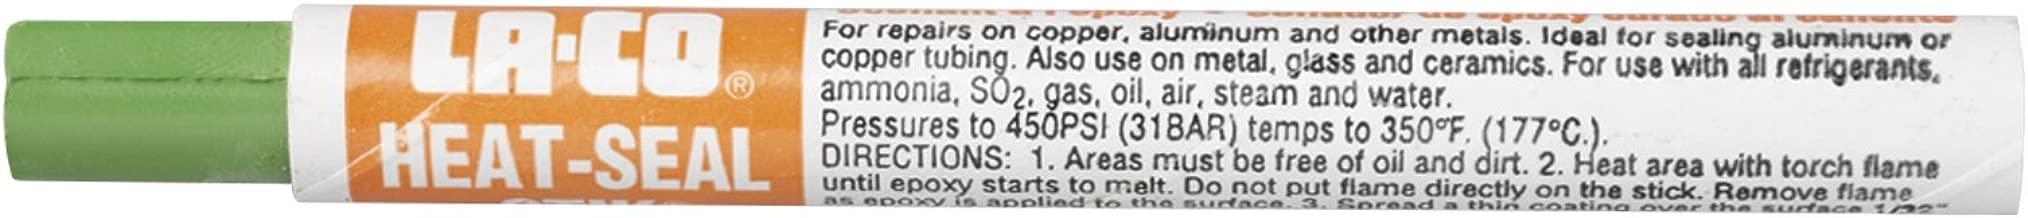 la co heat seal stik epoxy sealer